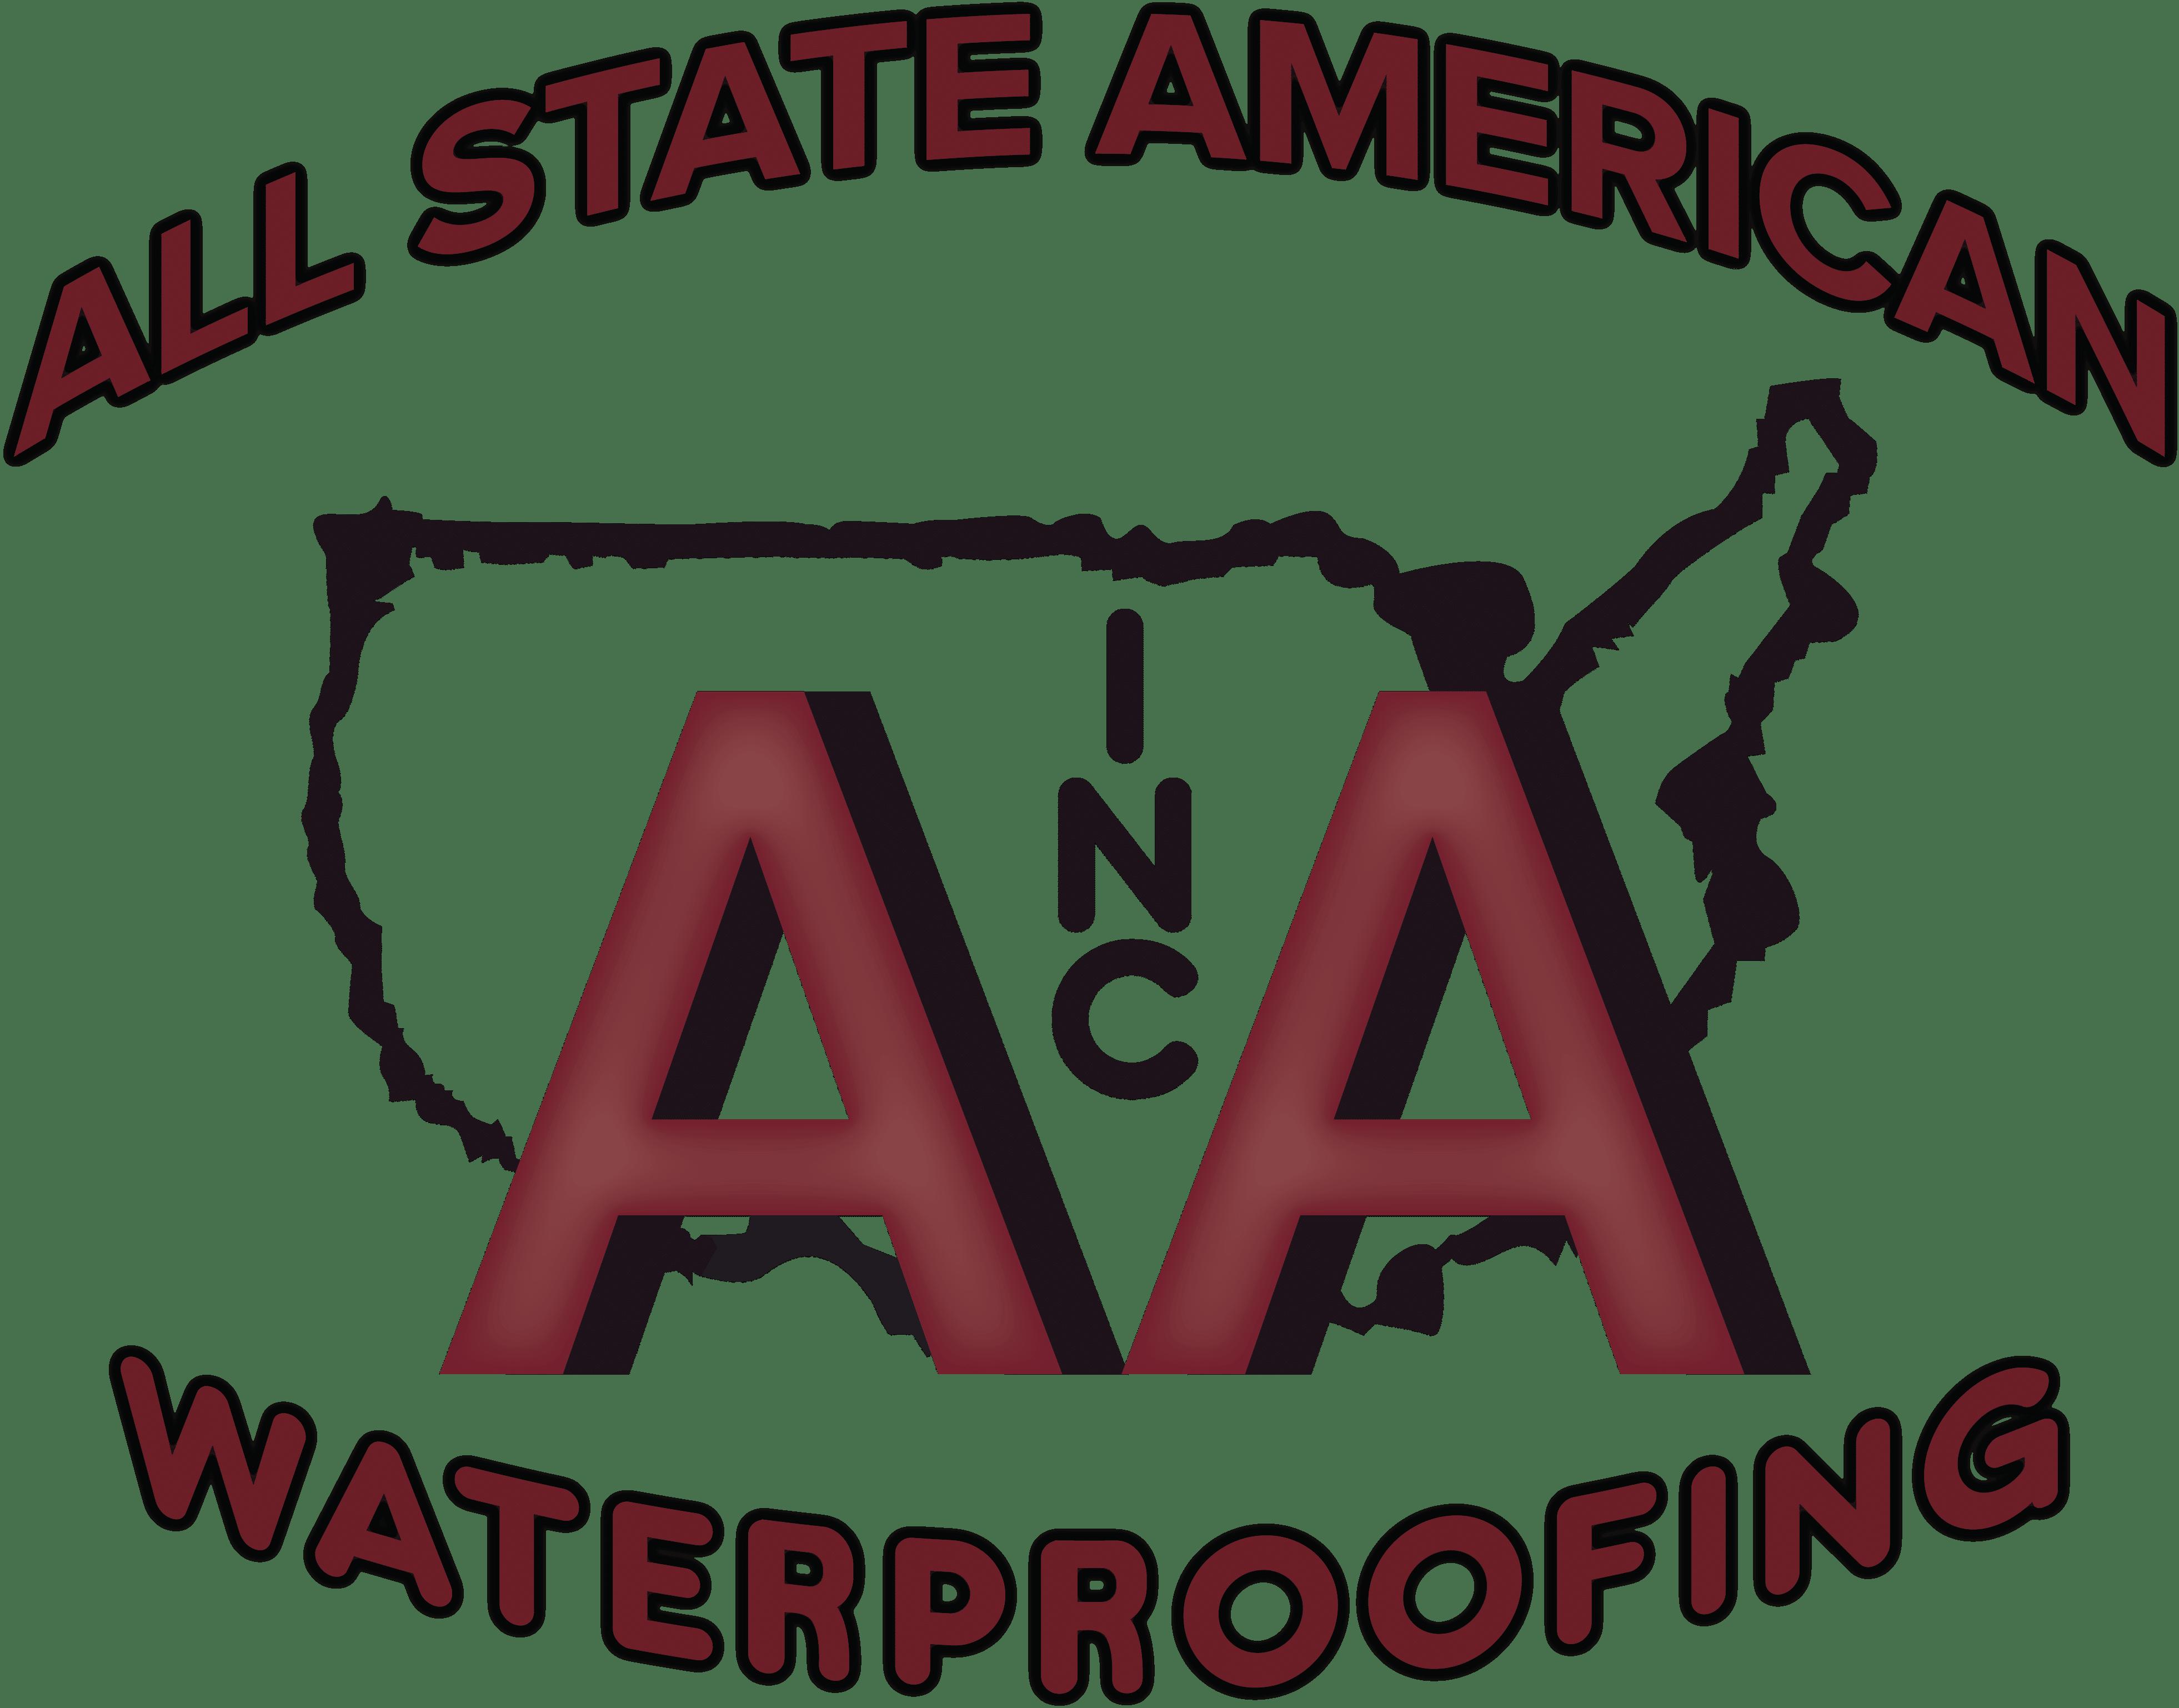 Allstate American Waterproofing Inc